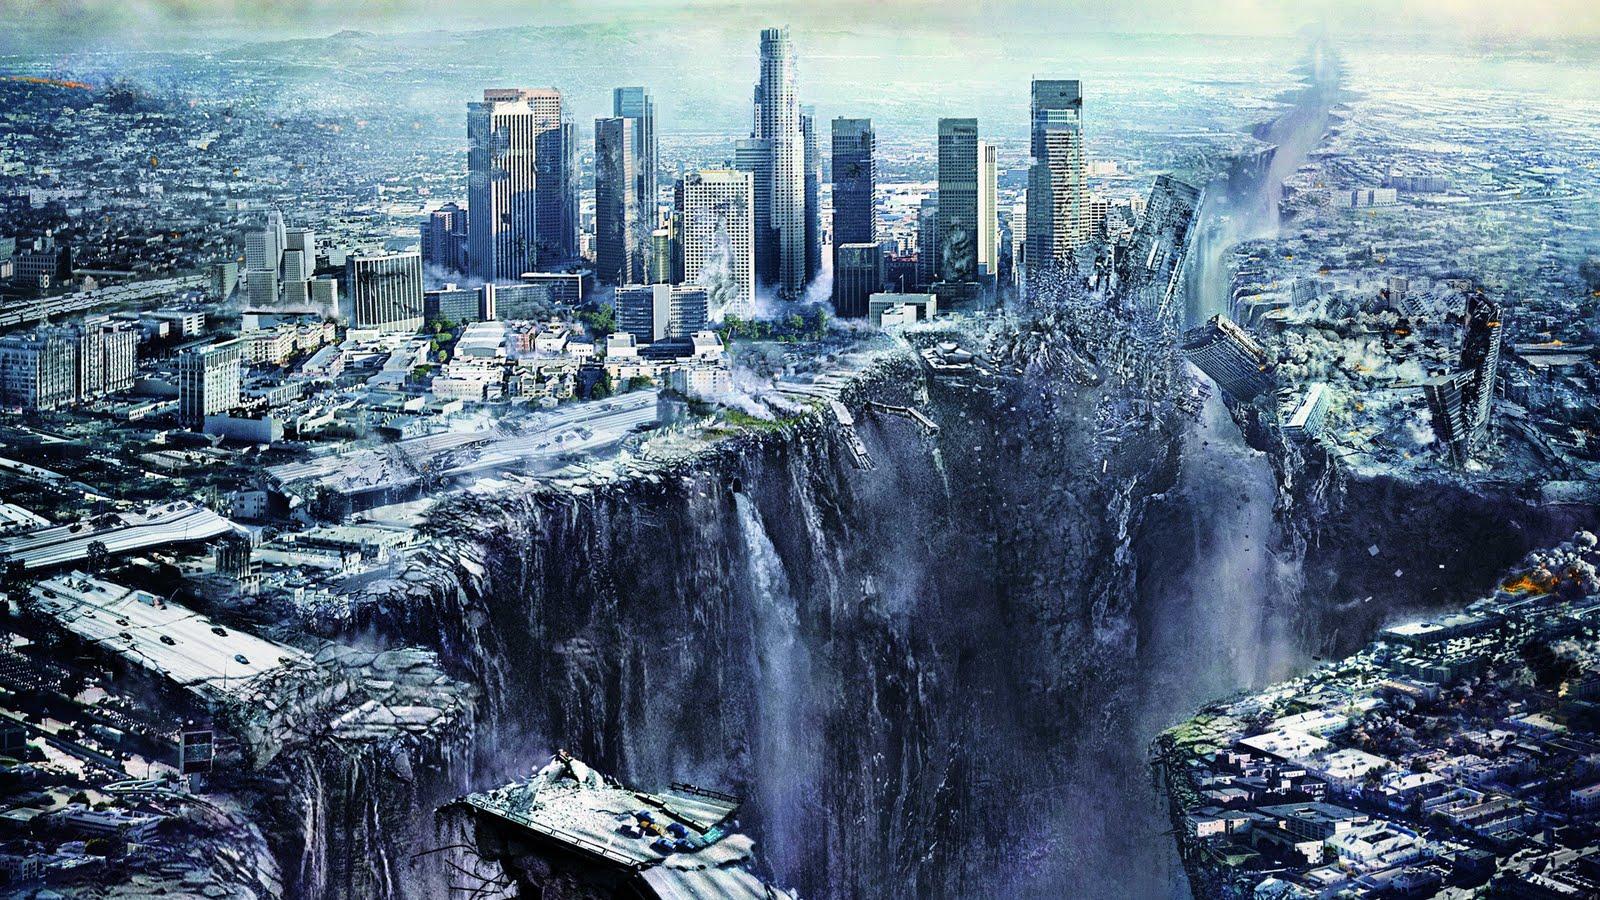 ŠOKANTNO! Priroda se pobunila, stvarno je došao kraj svijeta?